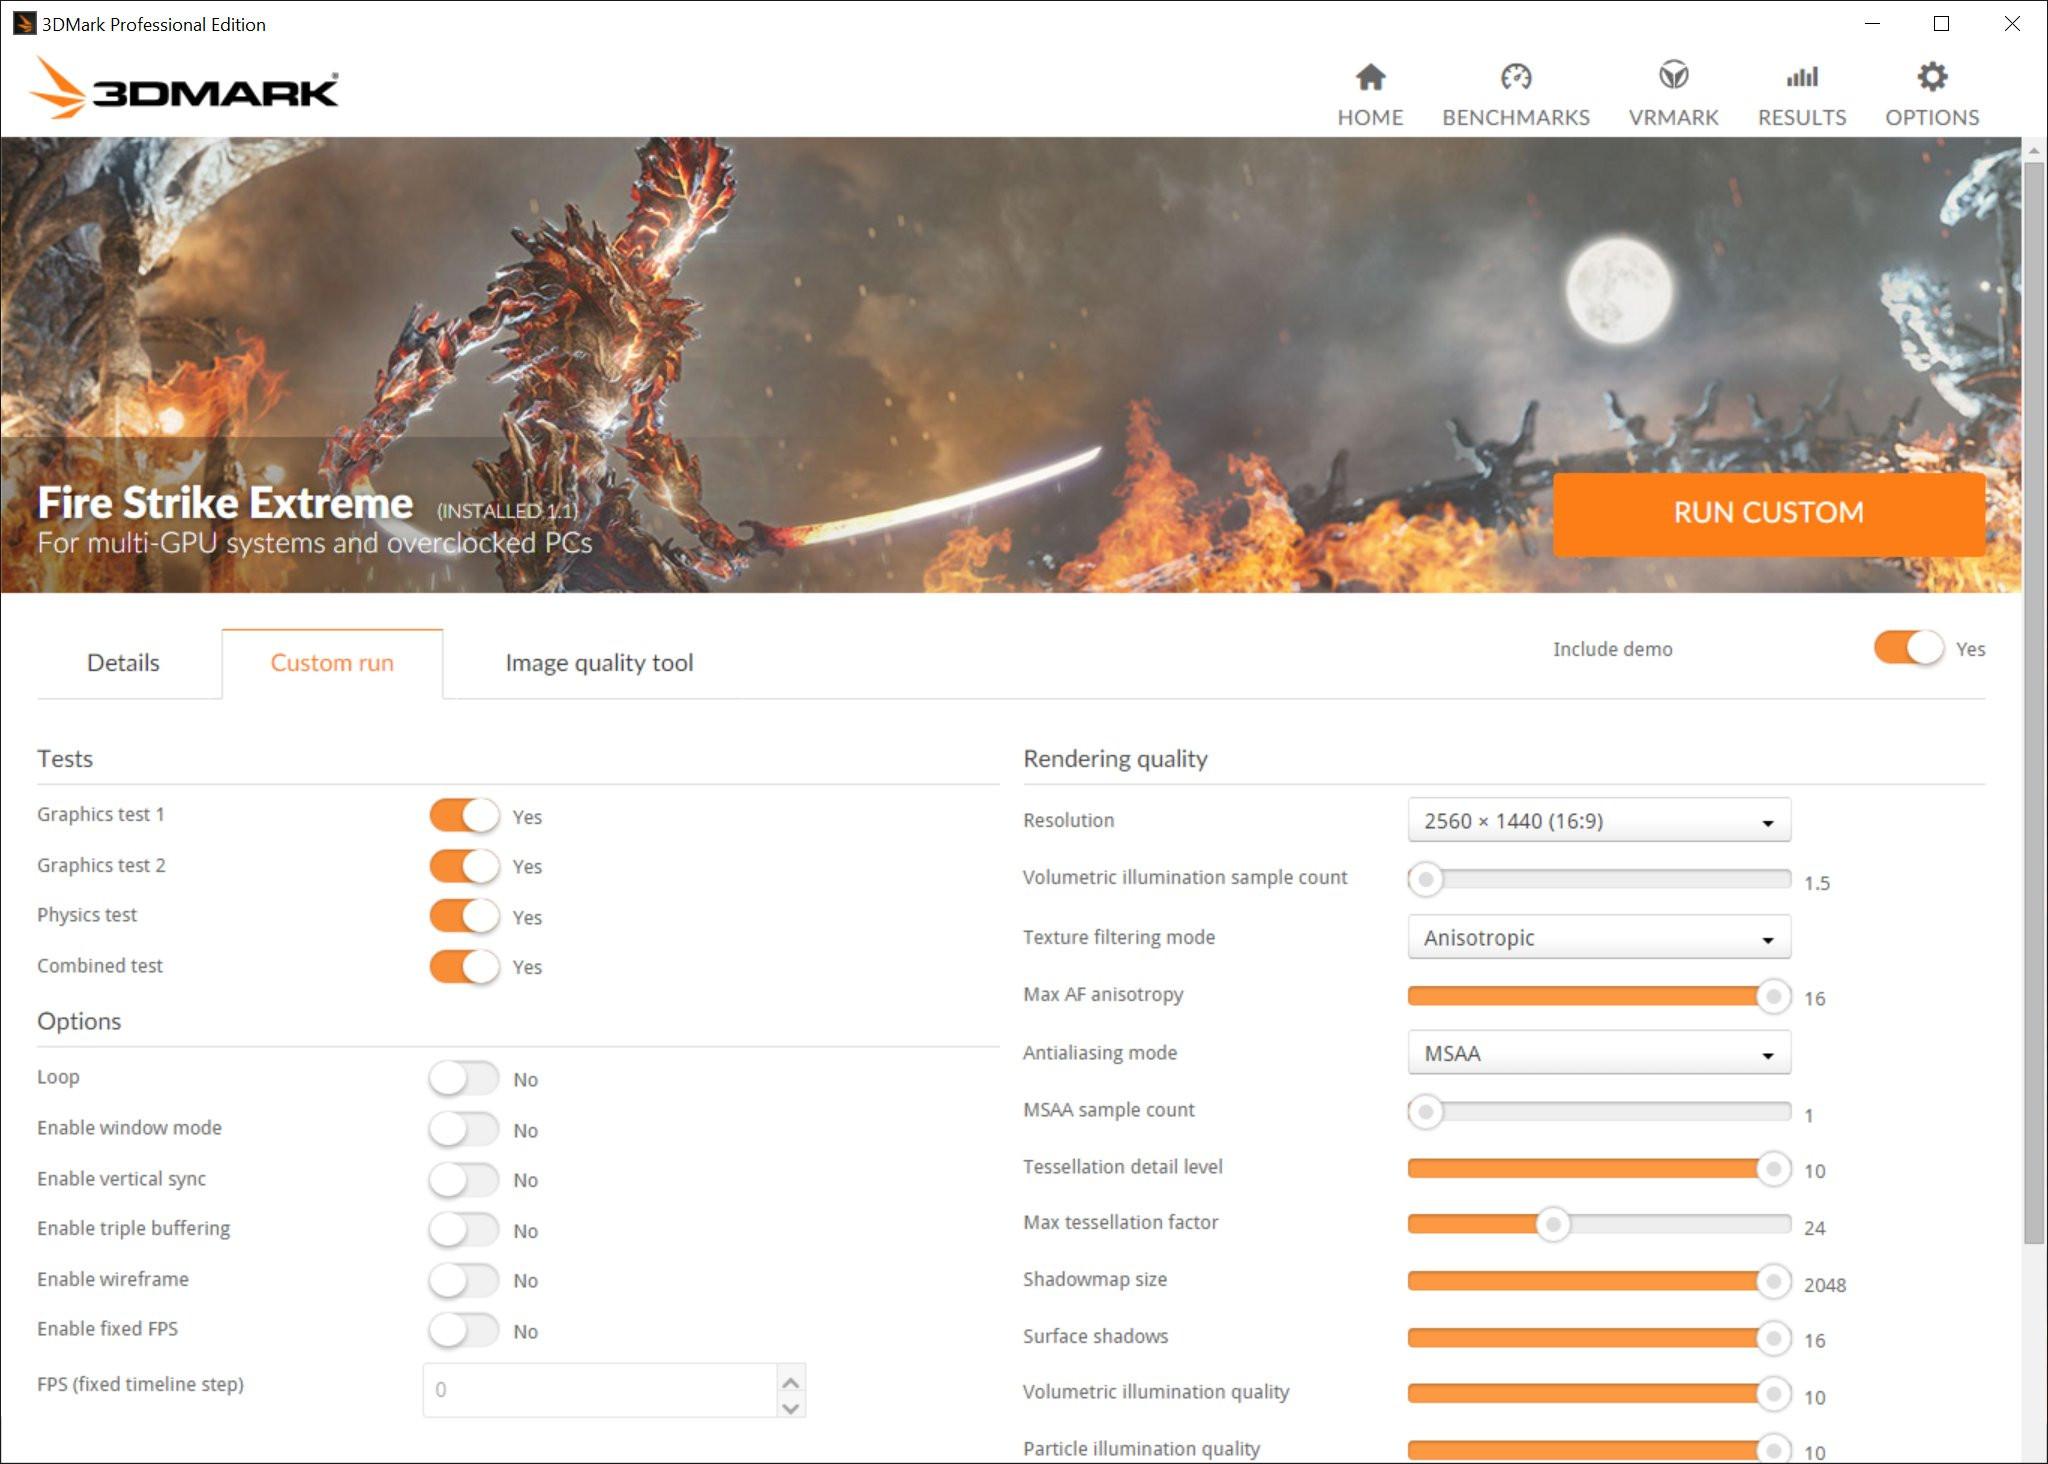 Télécharger 3DMark gratuit | Clubic com